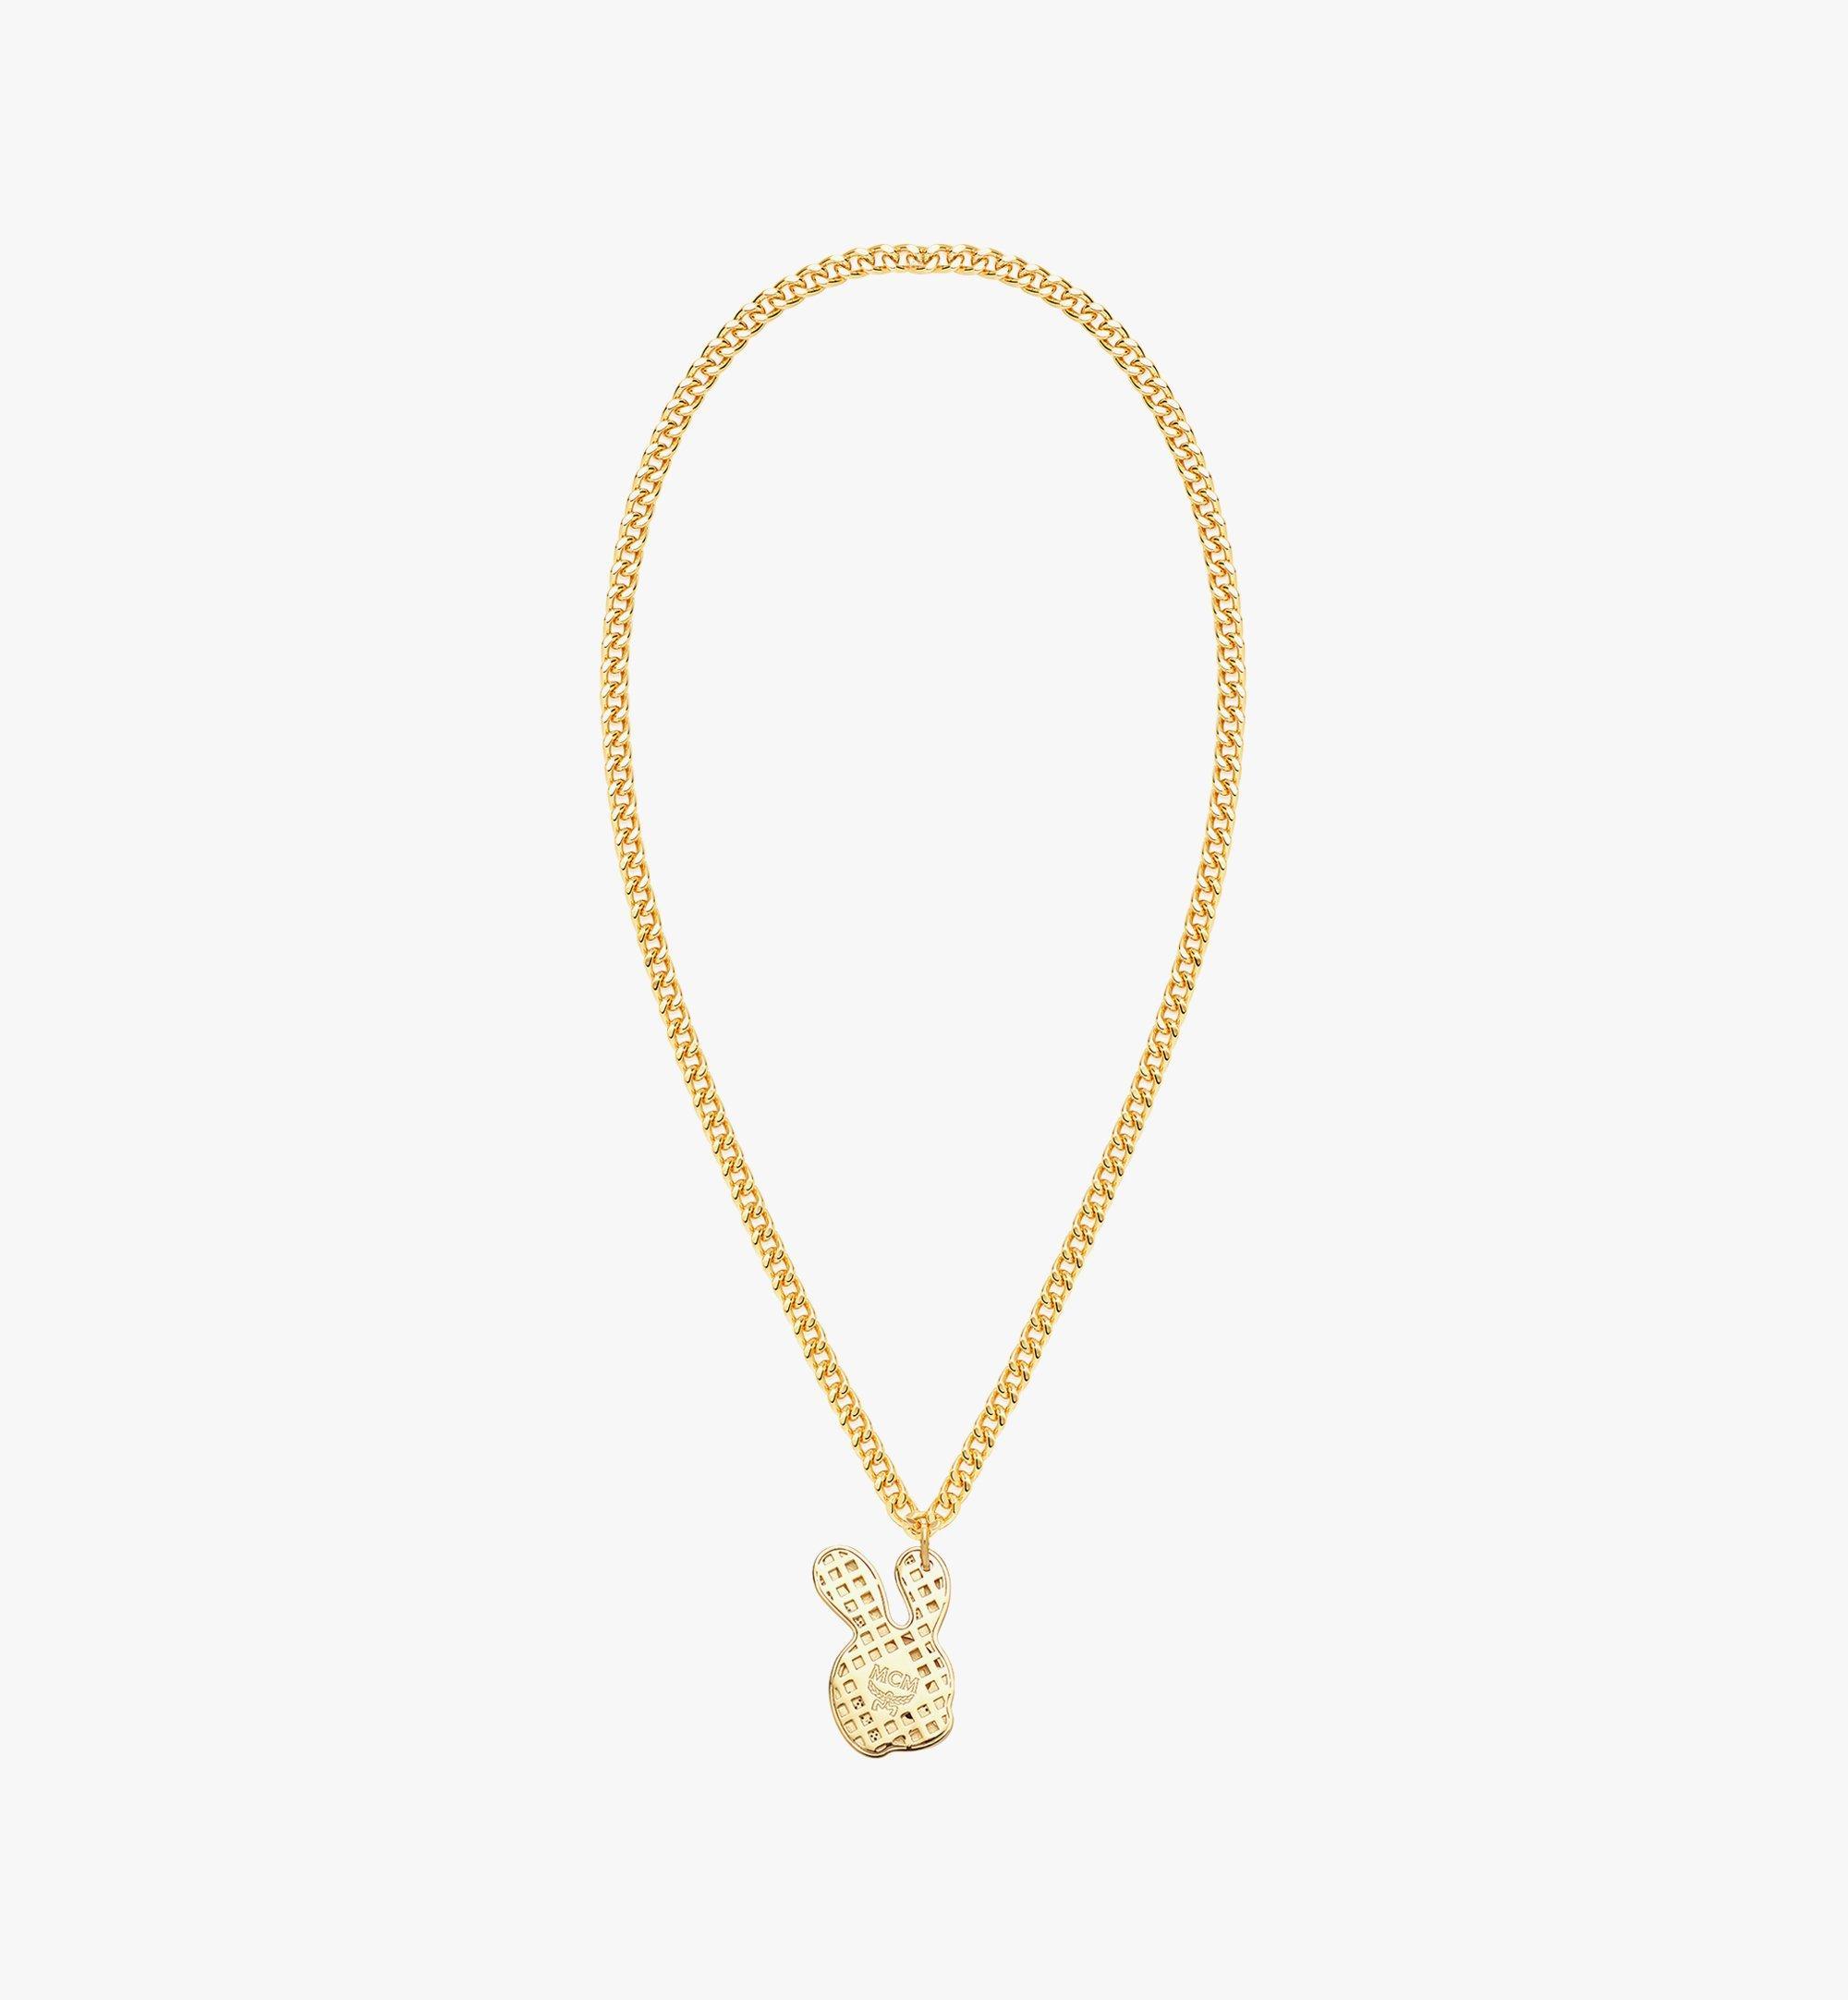 MCM MCM x SAMBYPEN Halskette mit Hasenanhänger Gold MEJBASP02DG001 Noch mehr sehen 1